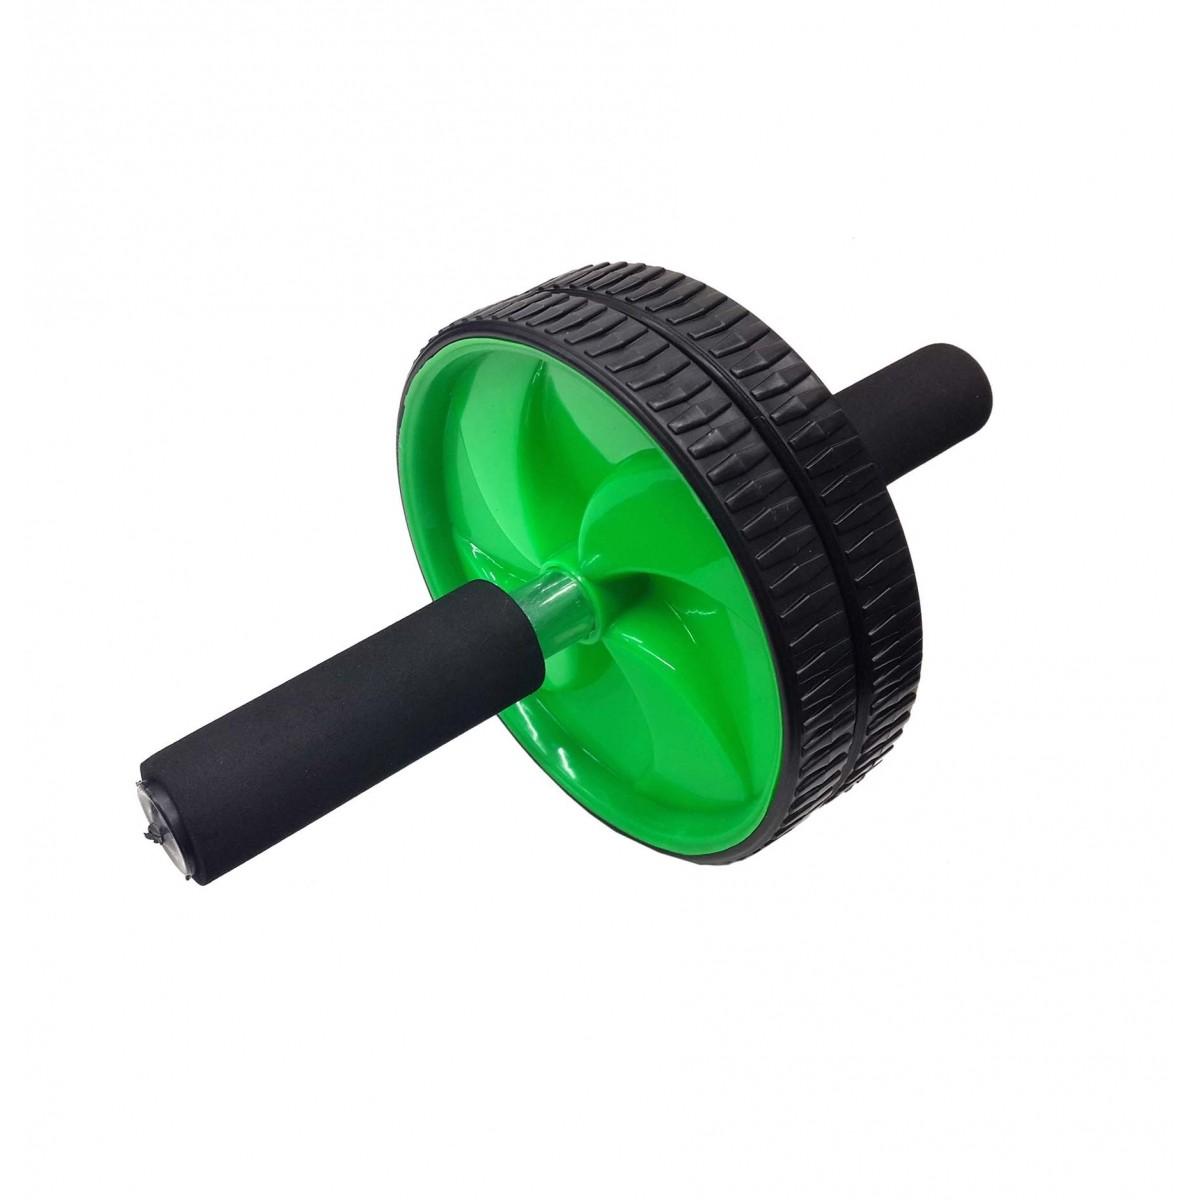 Rolo Roda Abdominal Para Exercicio Fisico Abdomem Braço Musculo Ombro Cor Verde (BSL-JS002)